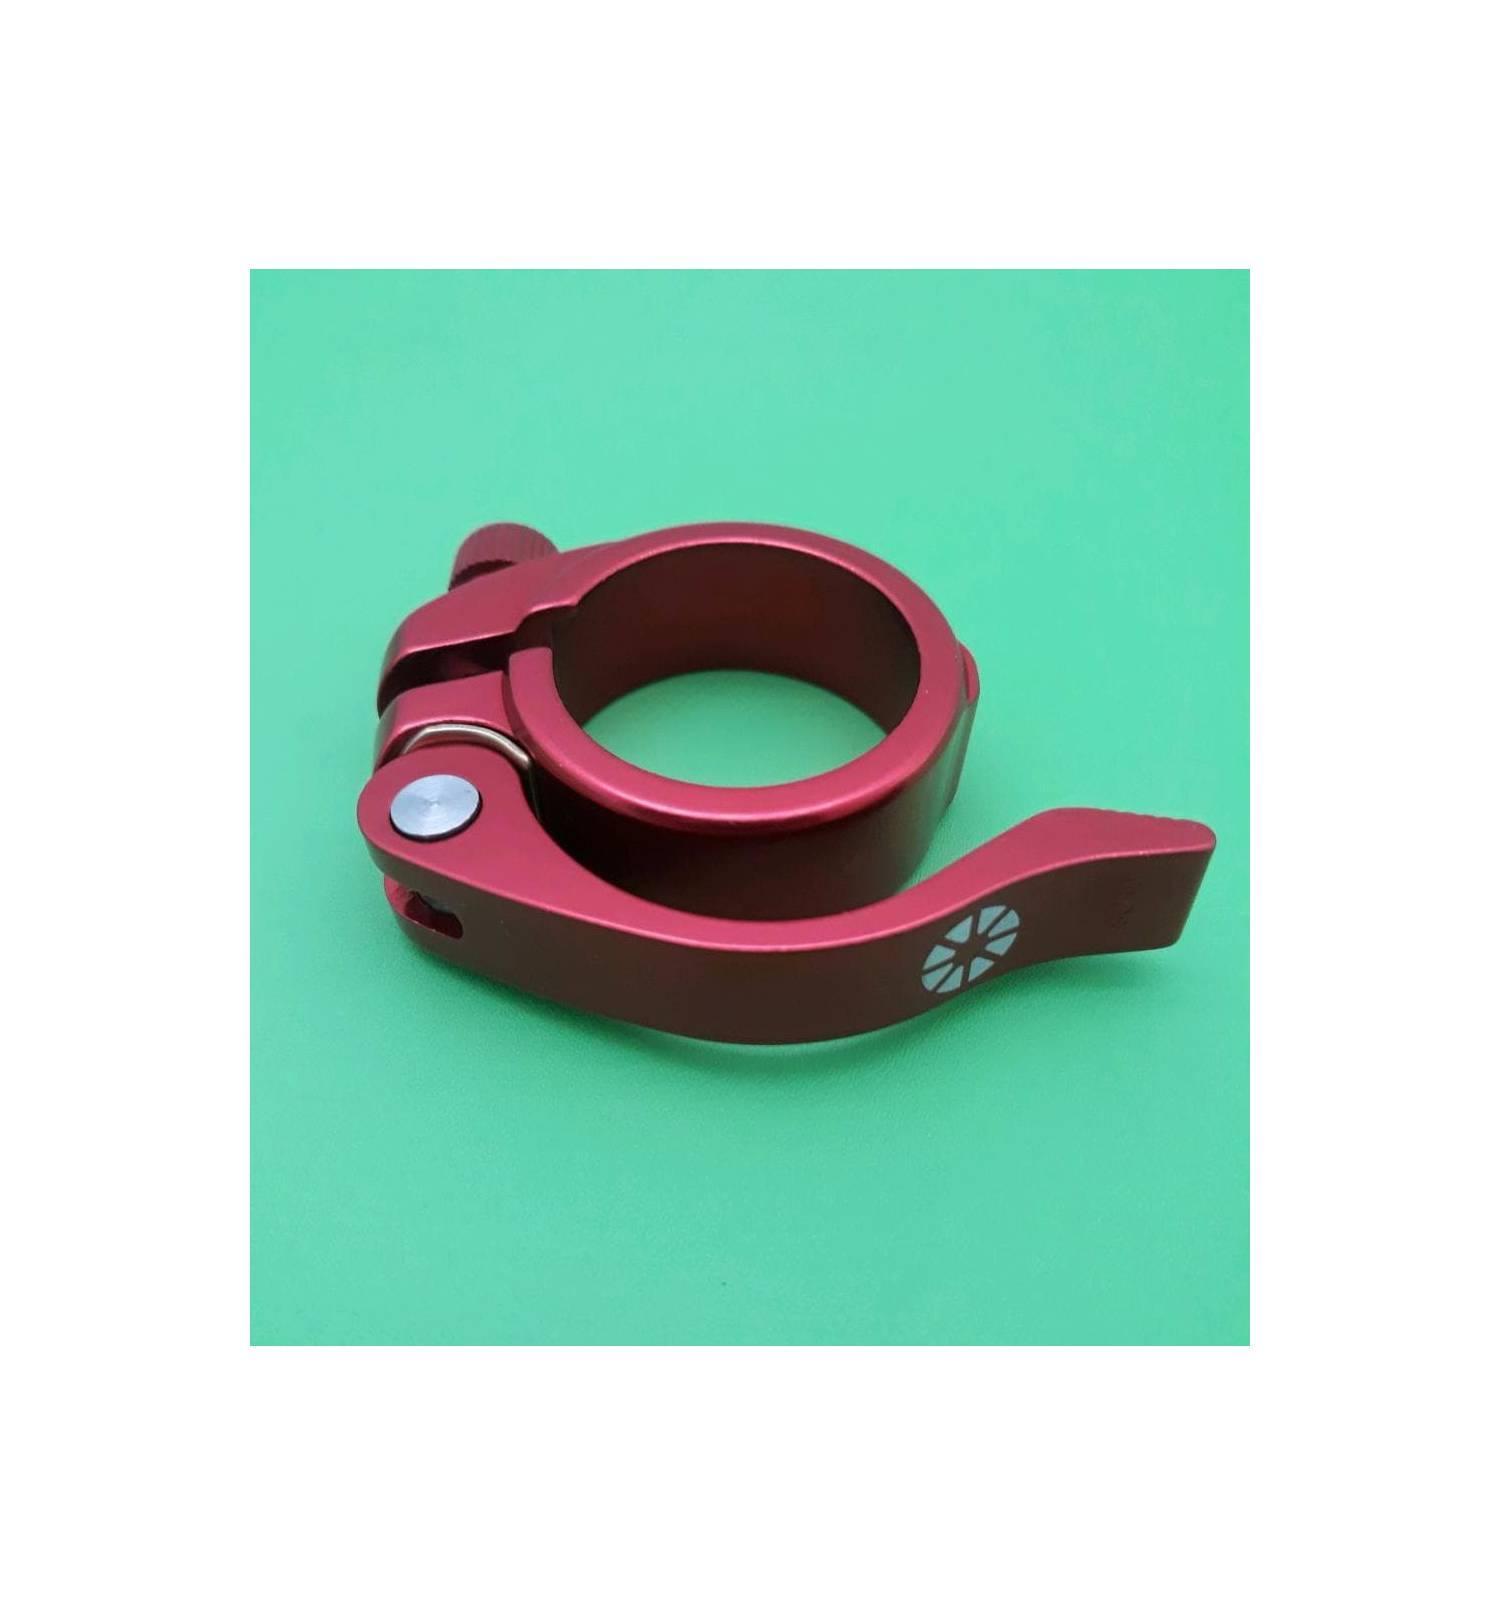 Beli Dahon Roo Store Marwanto606 Produk Ukm Bumn Earring Mas Putih Mutiara Laut Exclusive Seatclamp 40 9mm Seatpost Clamp Sepeda Lipat Warna Me